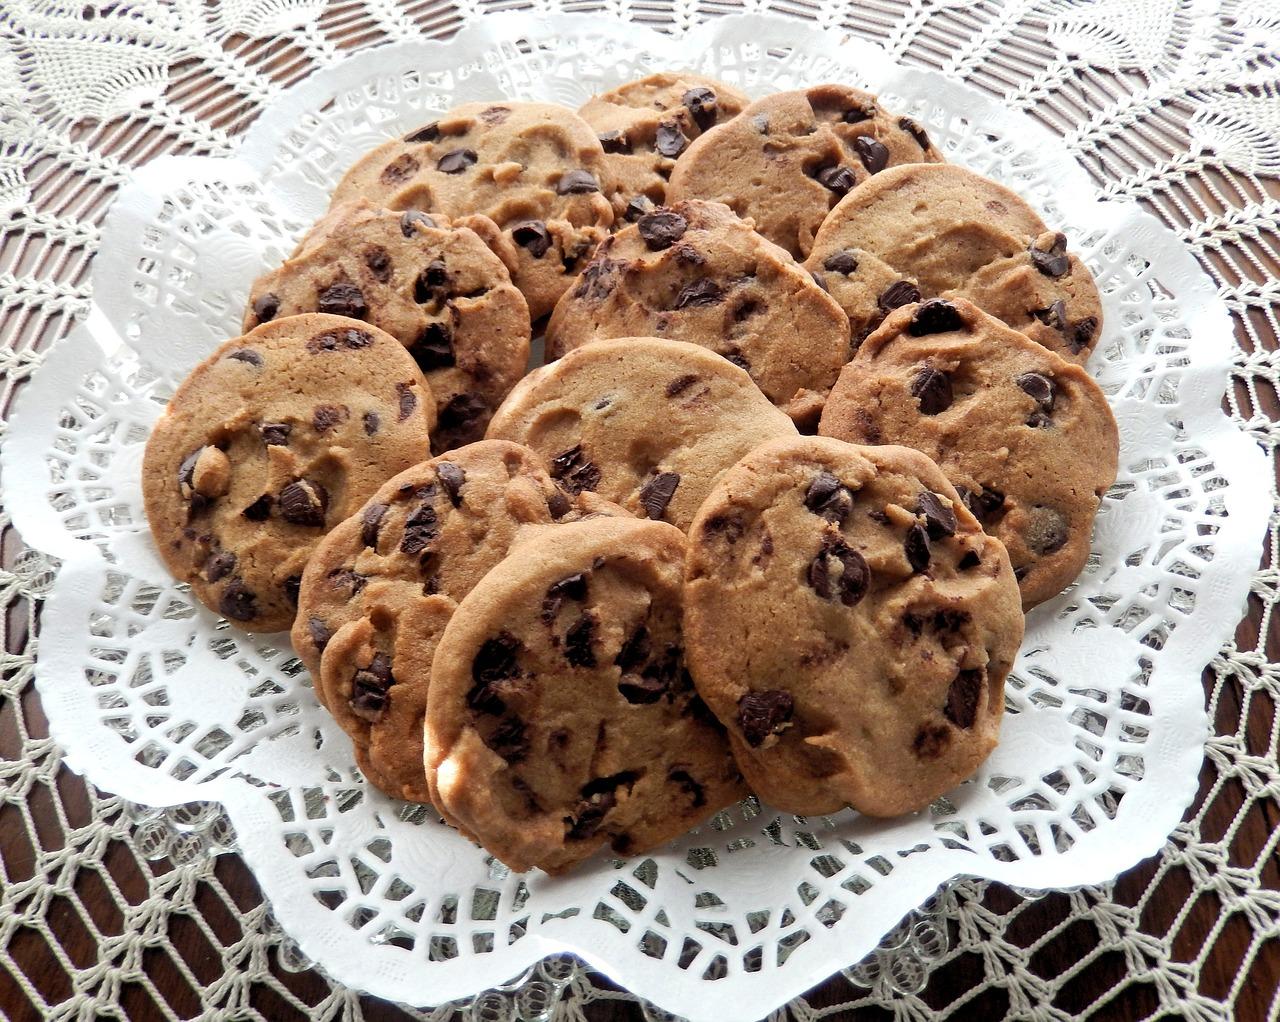 chocolate-chip-cookies-940428_1280.jpg